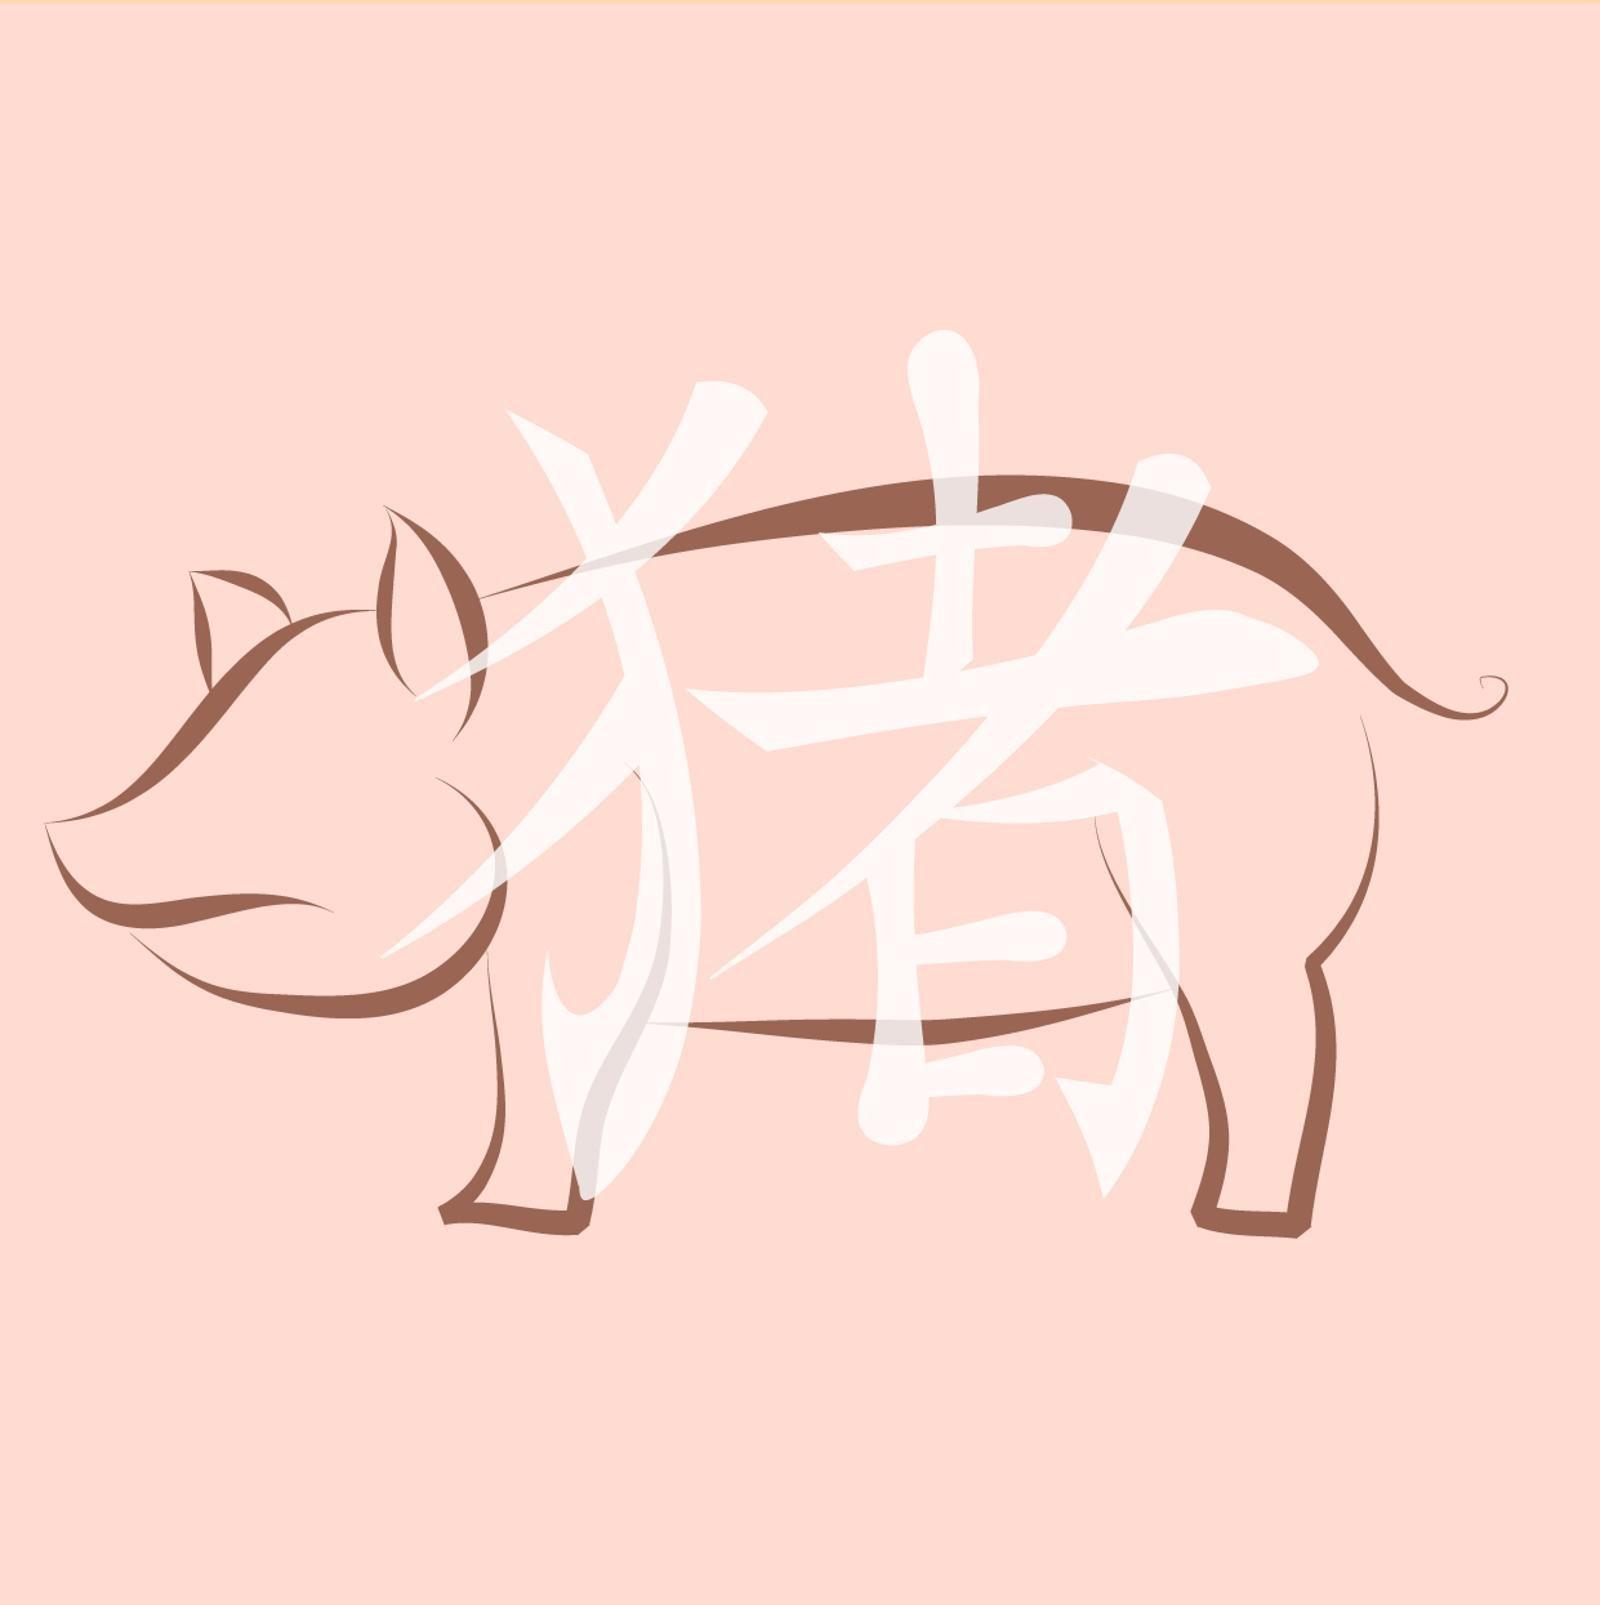 Кроликам — любовь, Козам — деньги! Восточный гороскоп на 2020 год от главного астролога Голливуда